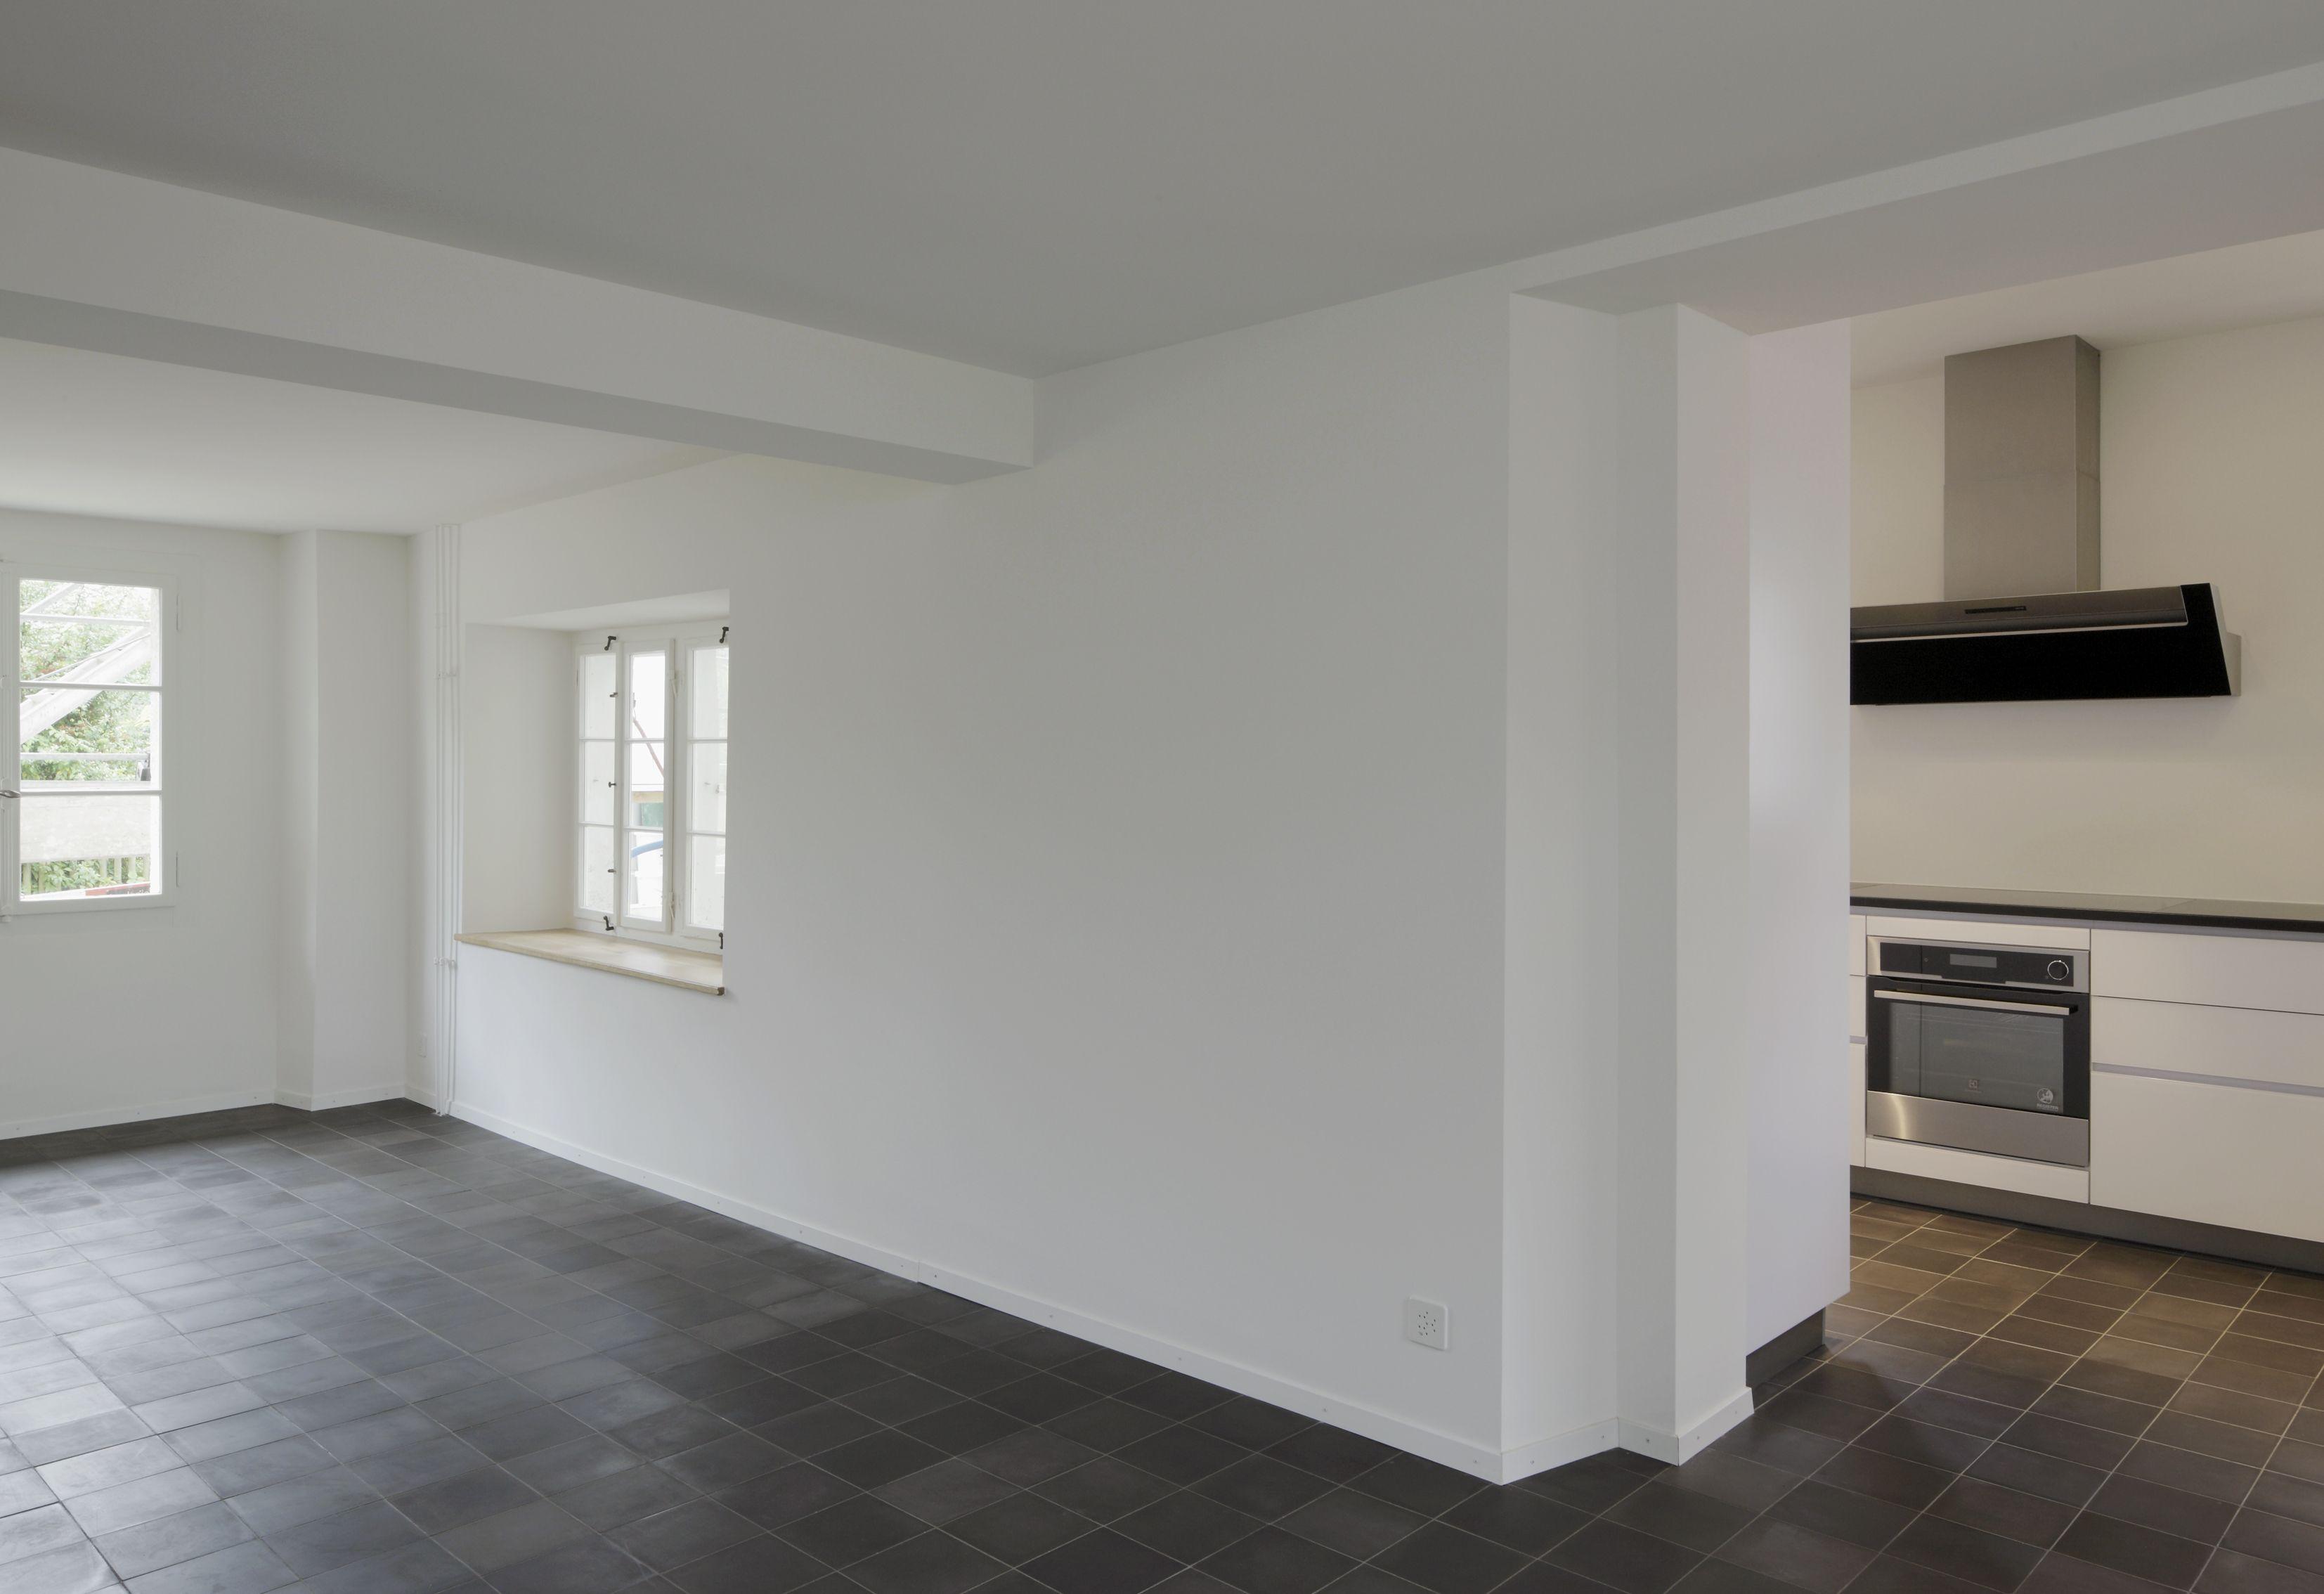 Horgen Renovation historisches Haus - Wohnraum und Küche   Küchen ...